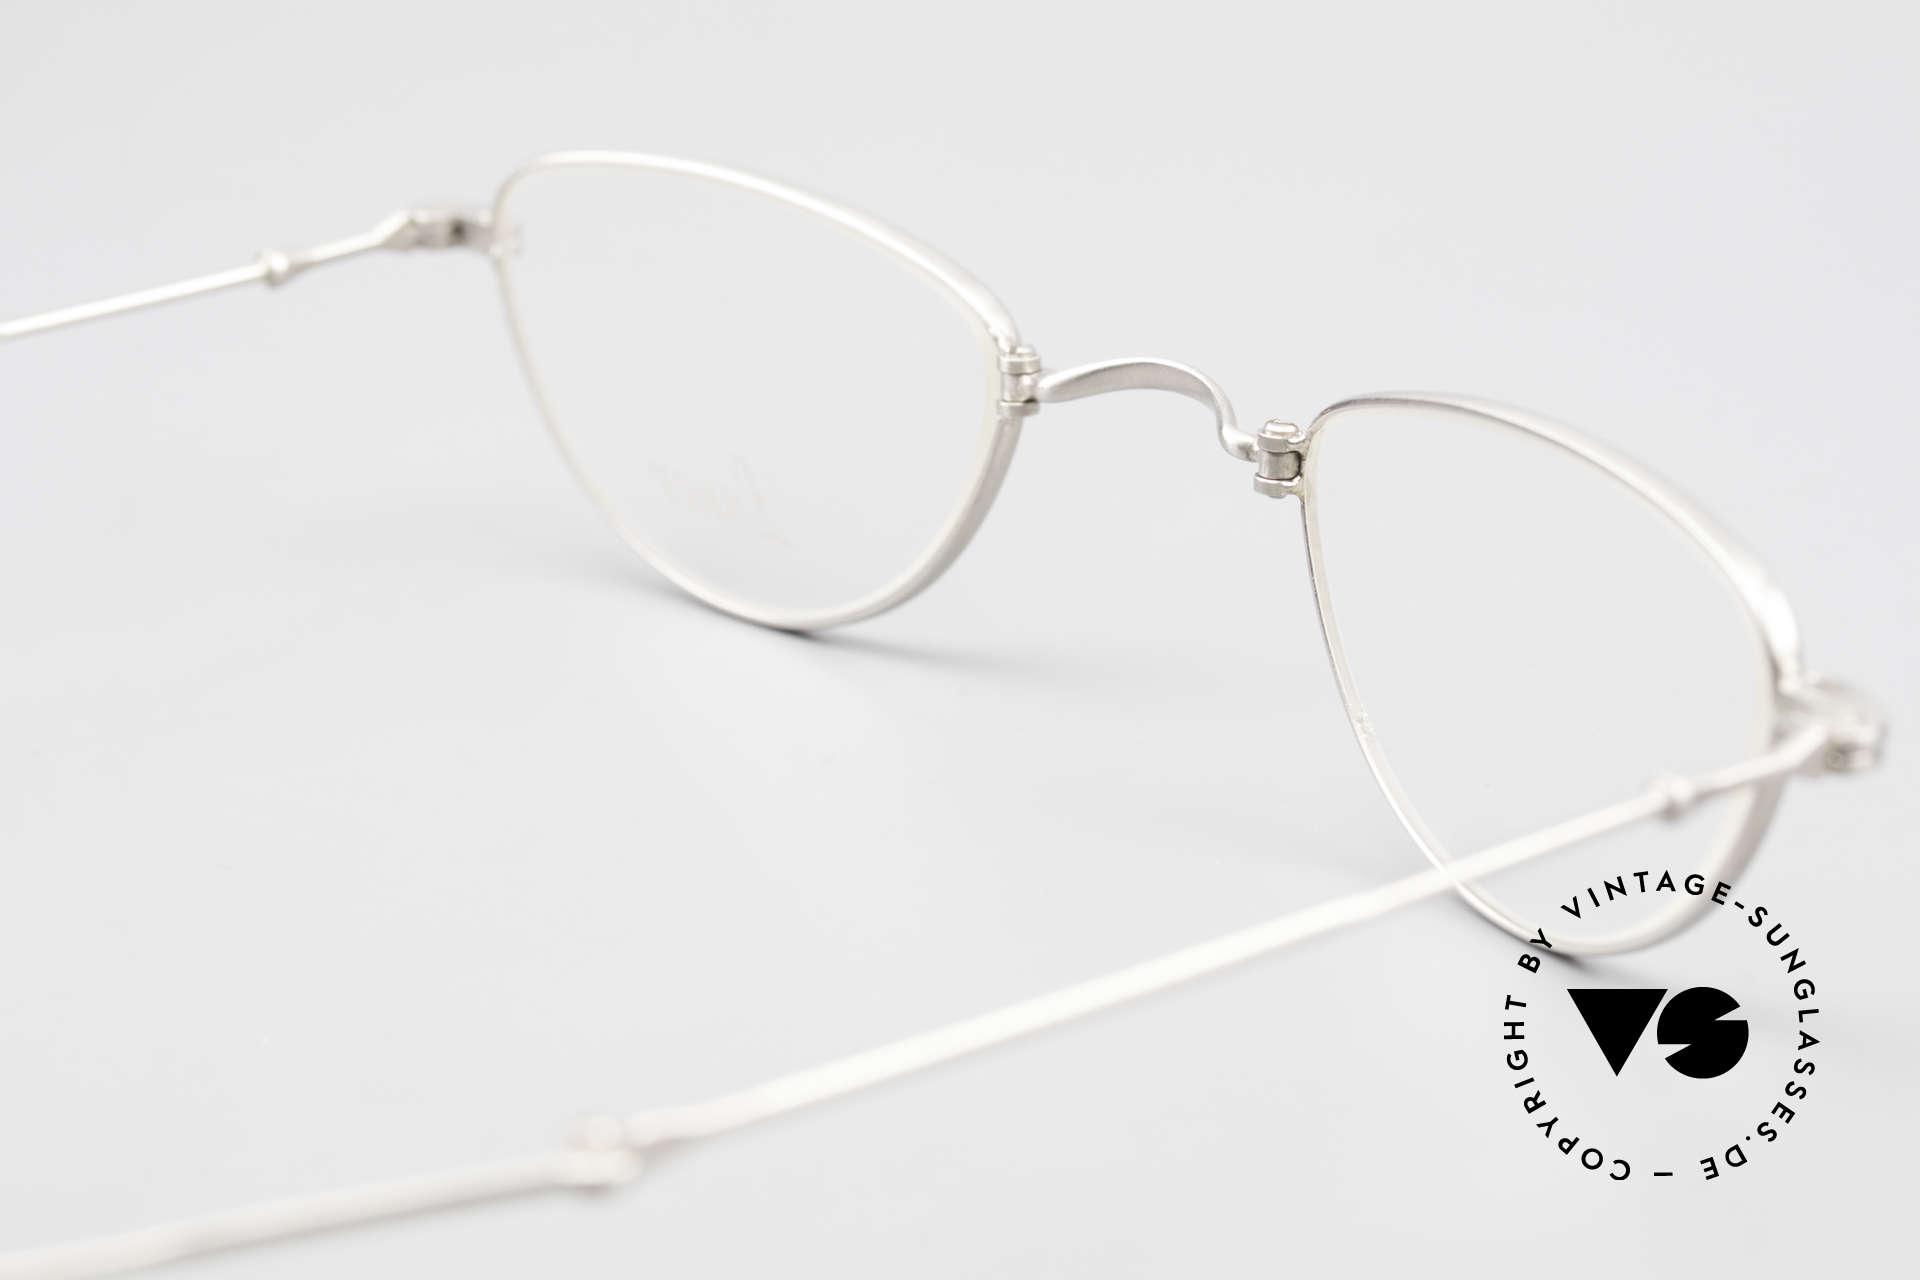 Lunor XXV Folding 06 Foldable Reading Eyeglasses, NO RETRO EYEGLASSES, but a precious LUNOR ORIGINAL, Made for Men and Women